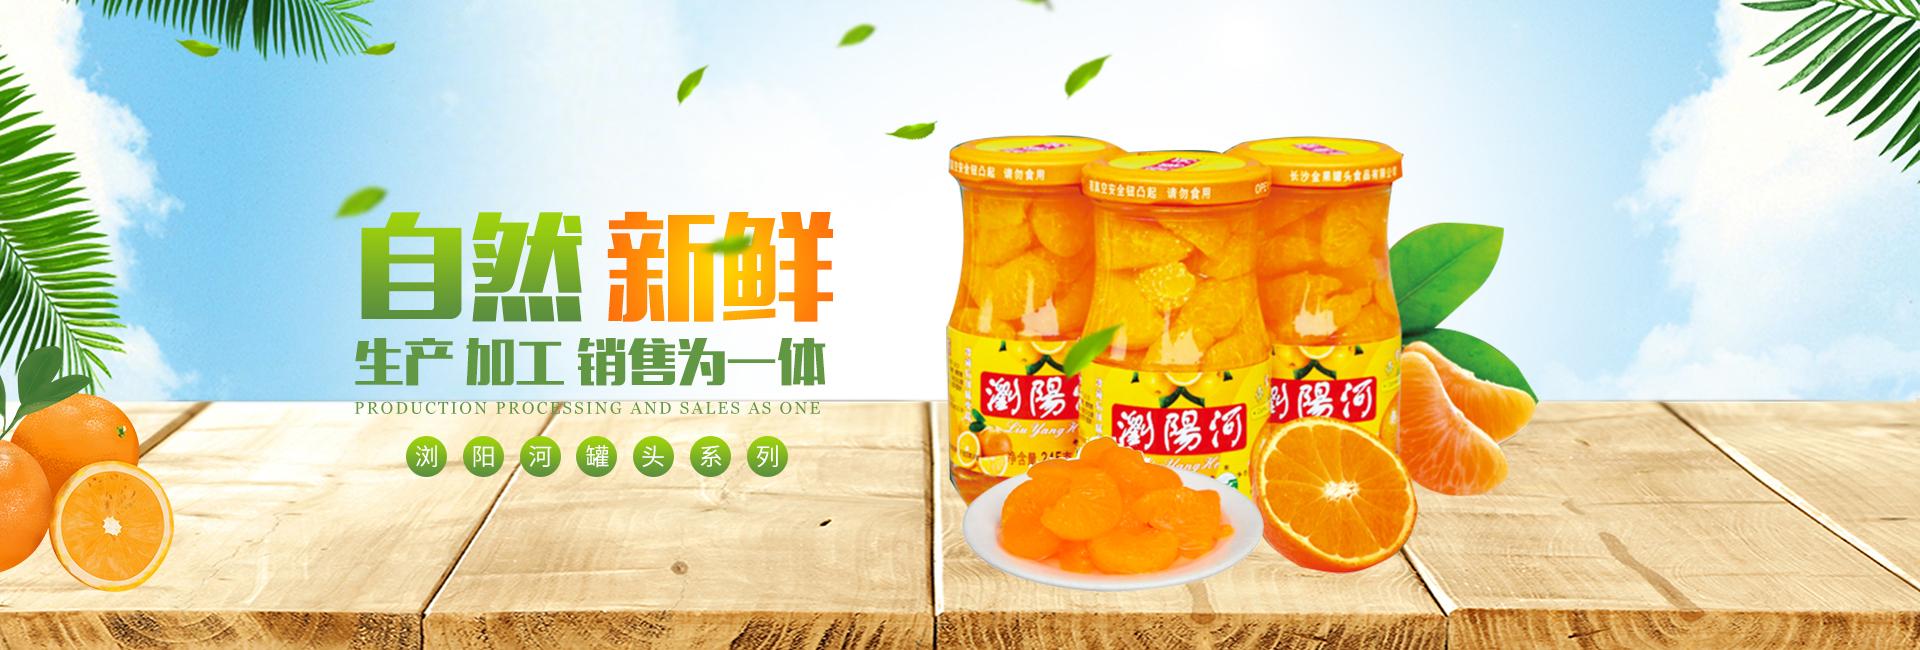 必威app精装版苹果betway官网推荐